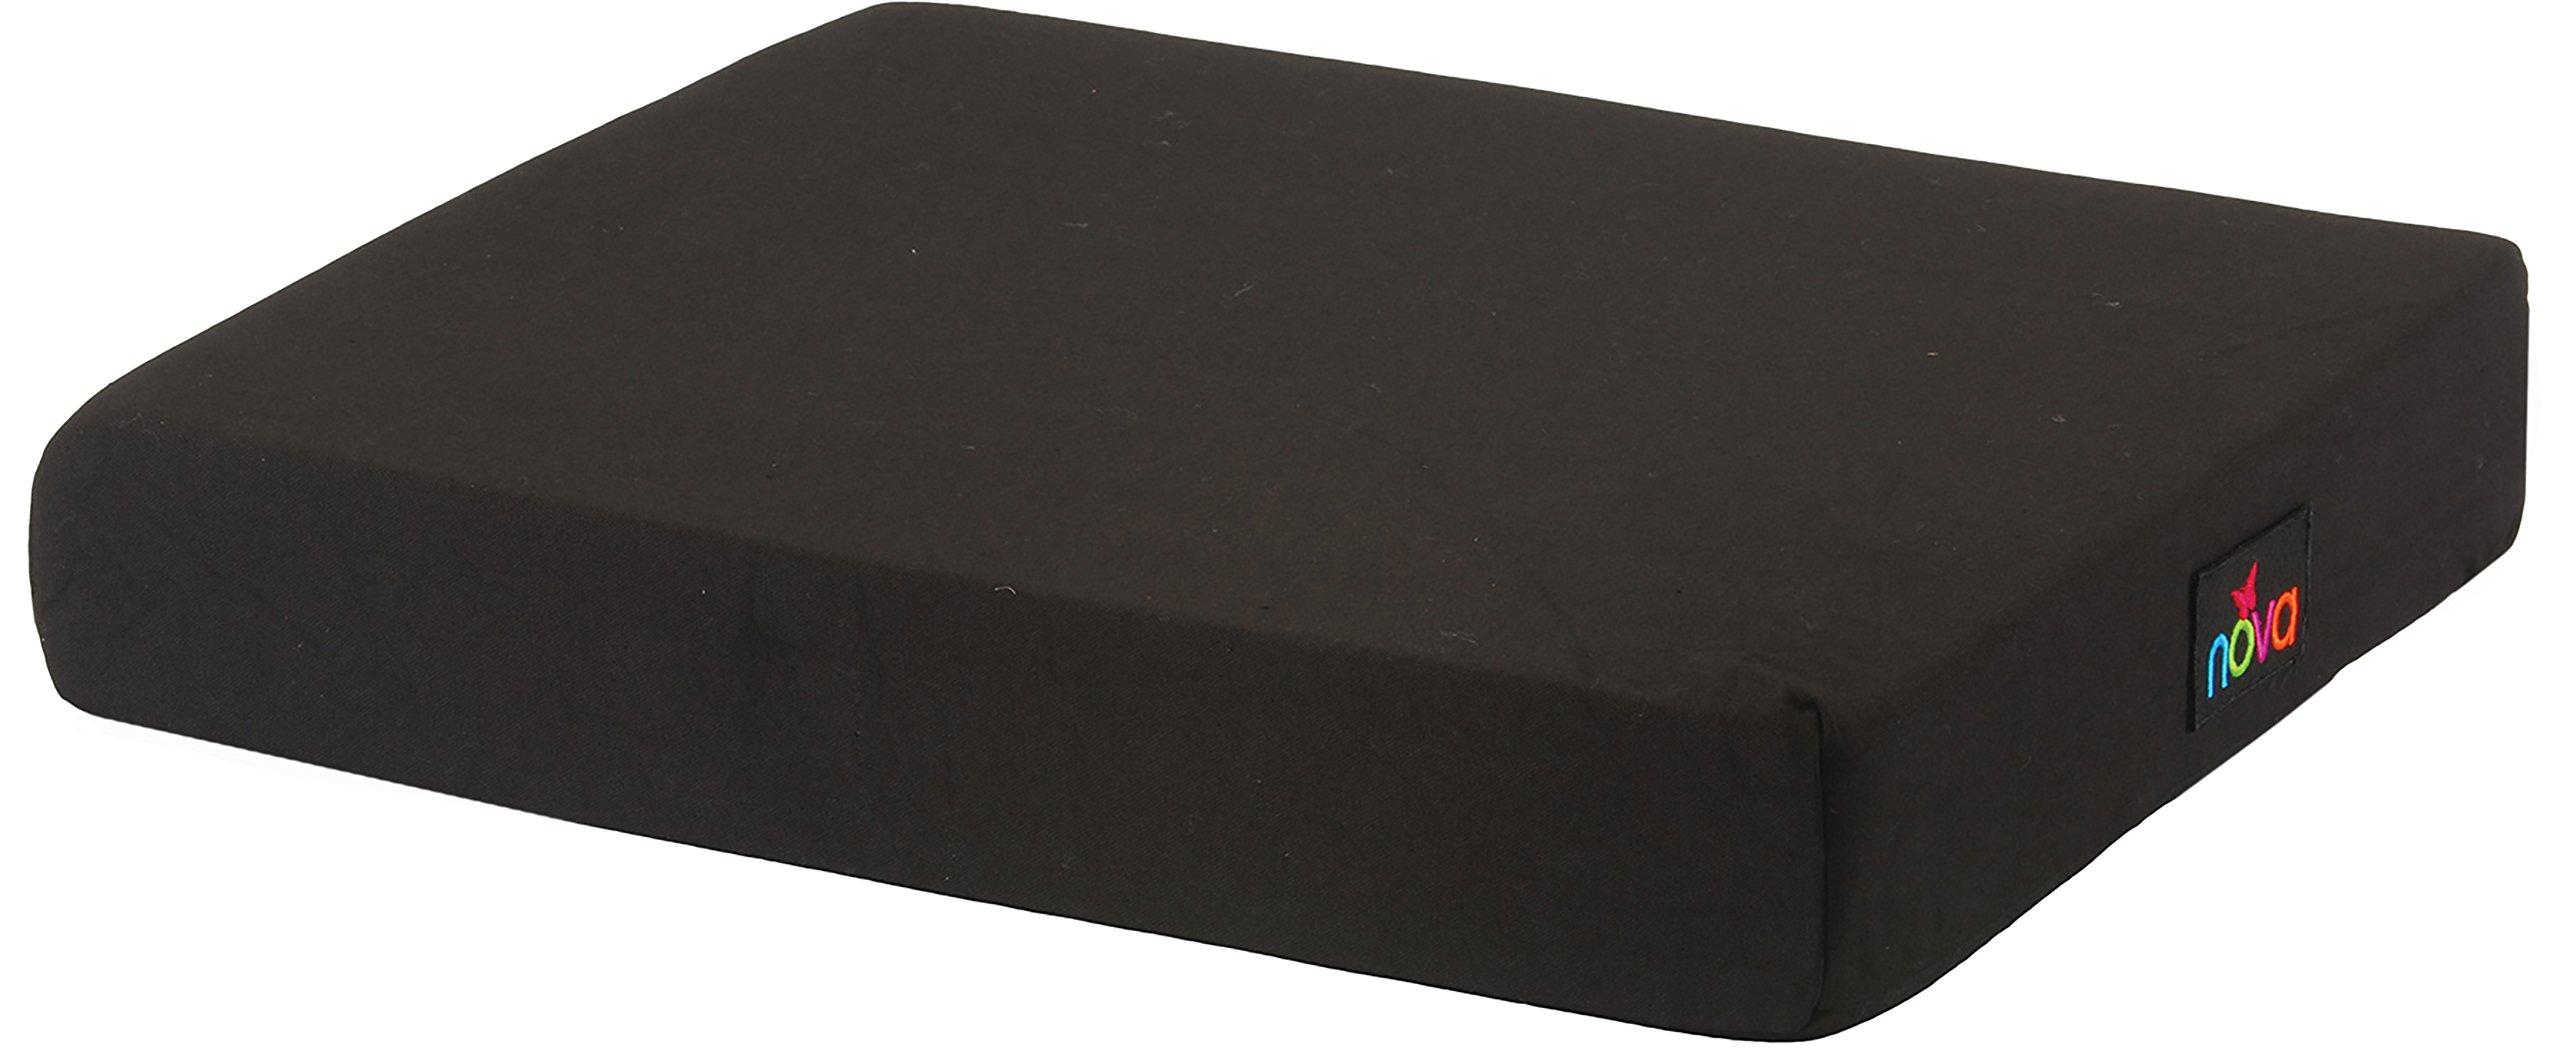 NOVA Medical Products 3'' Gel Foam Wheelchair Cushion